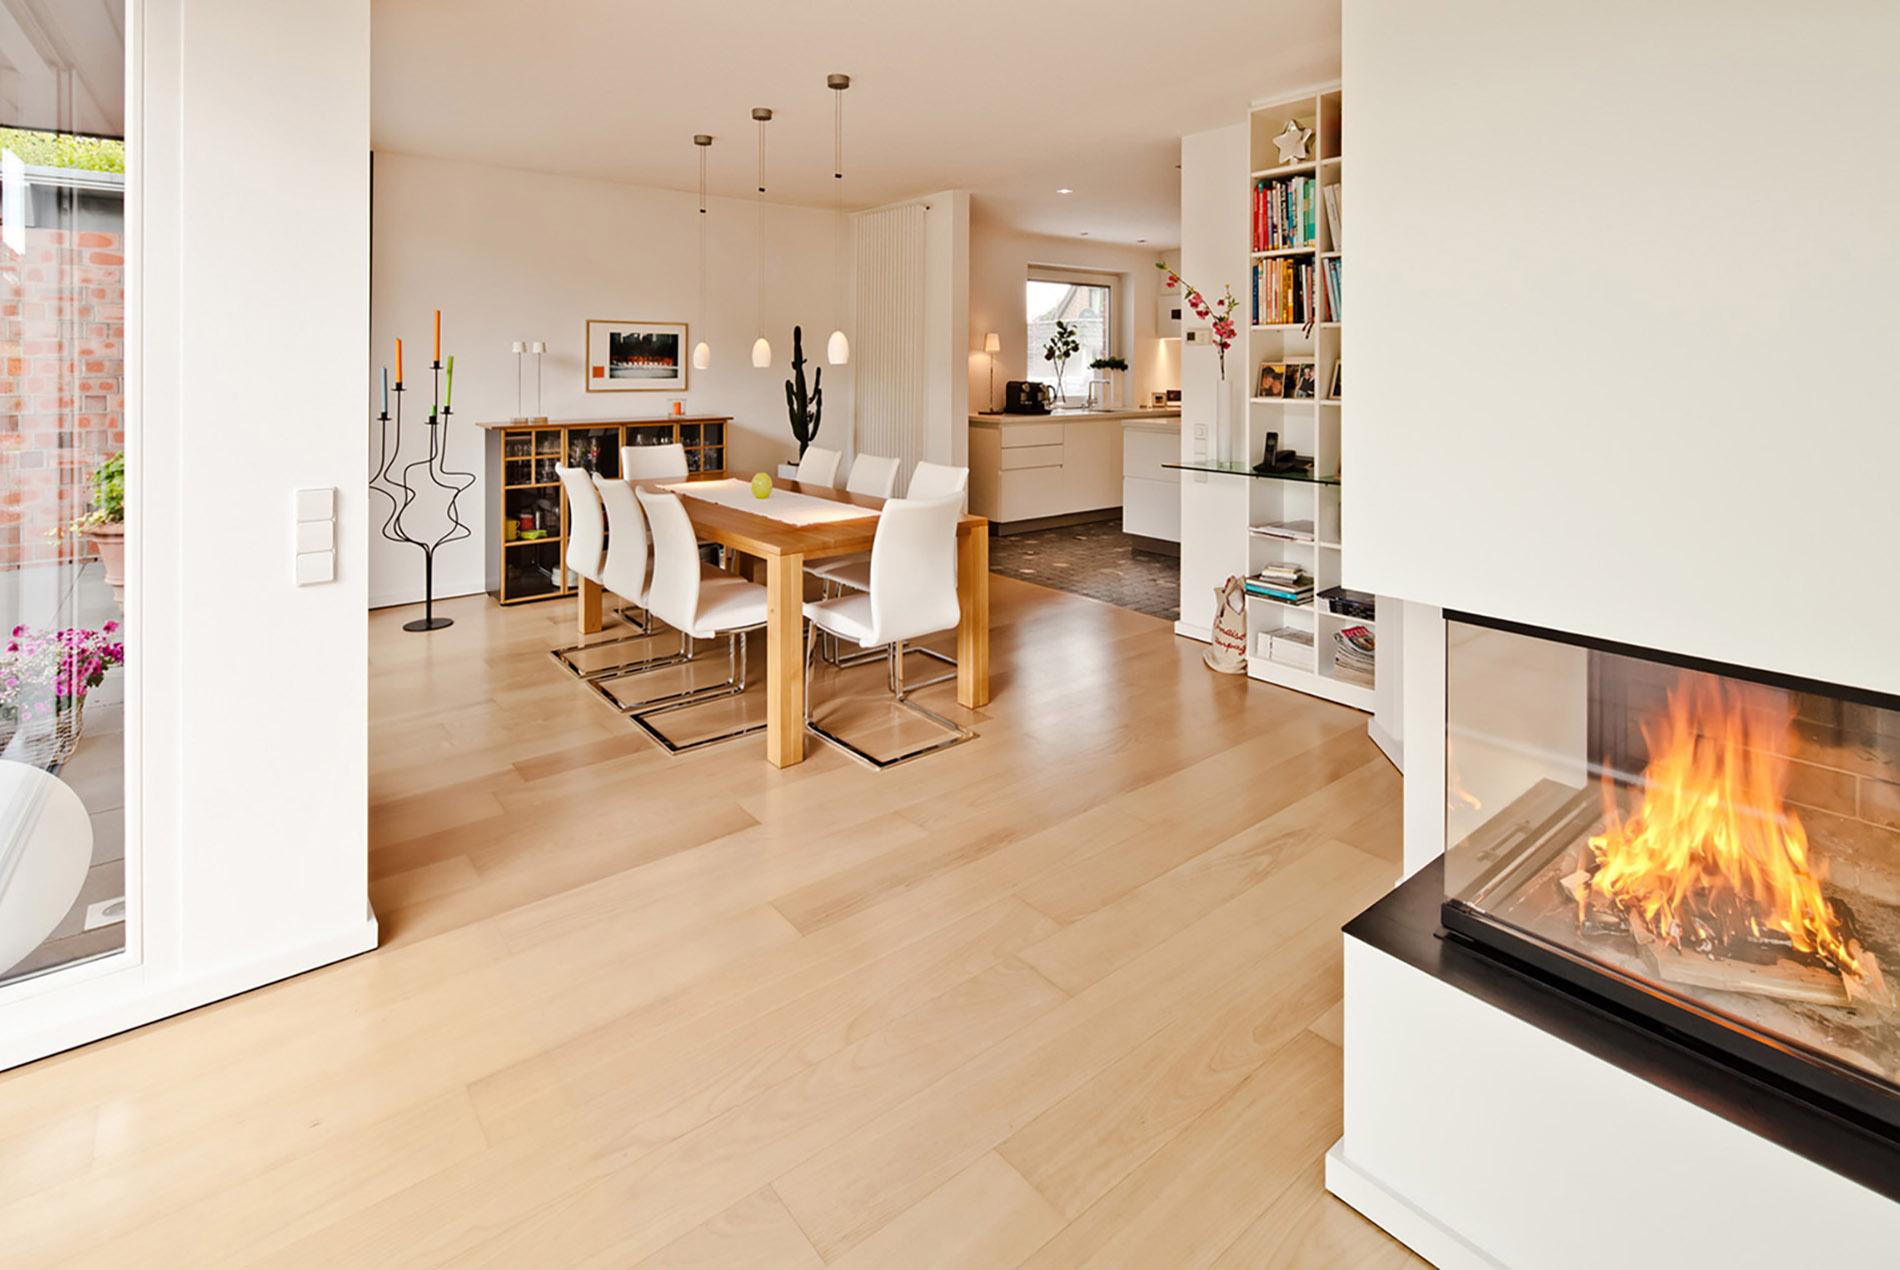 moderne helle k che mit kochinsel tischlerei sch pker. Black Bedroom Furniture Sets. Home Design Ideas